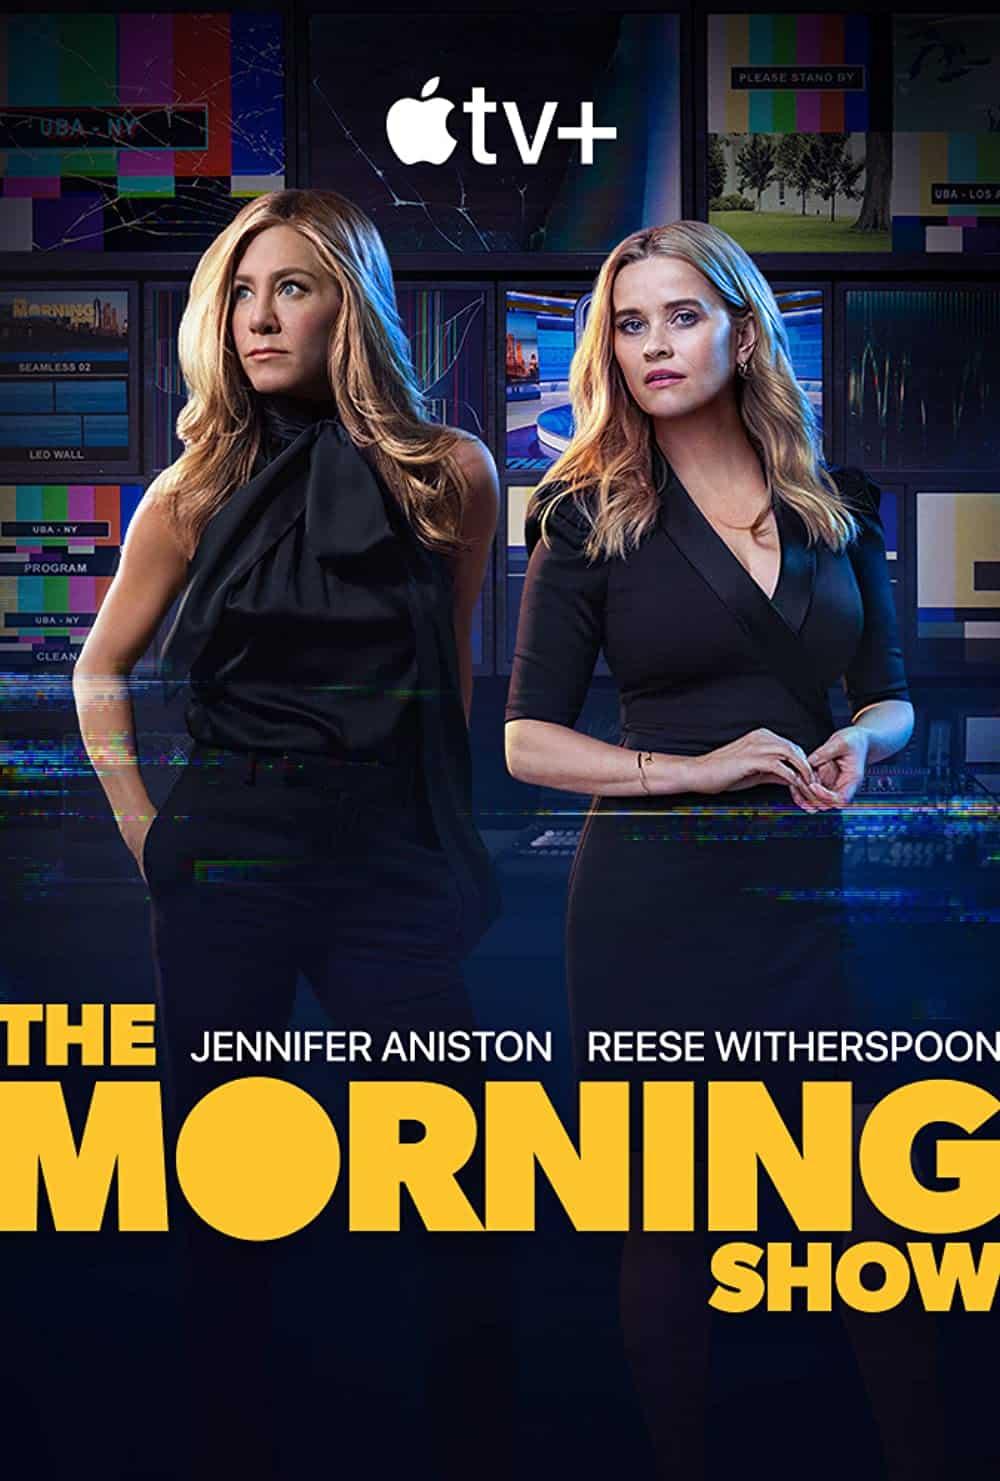 The Morning Show Season 2 ซับไทย EP1-EP7